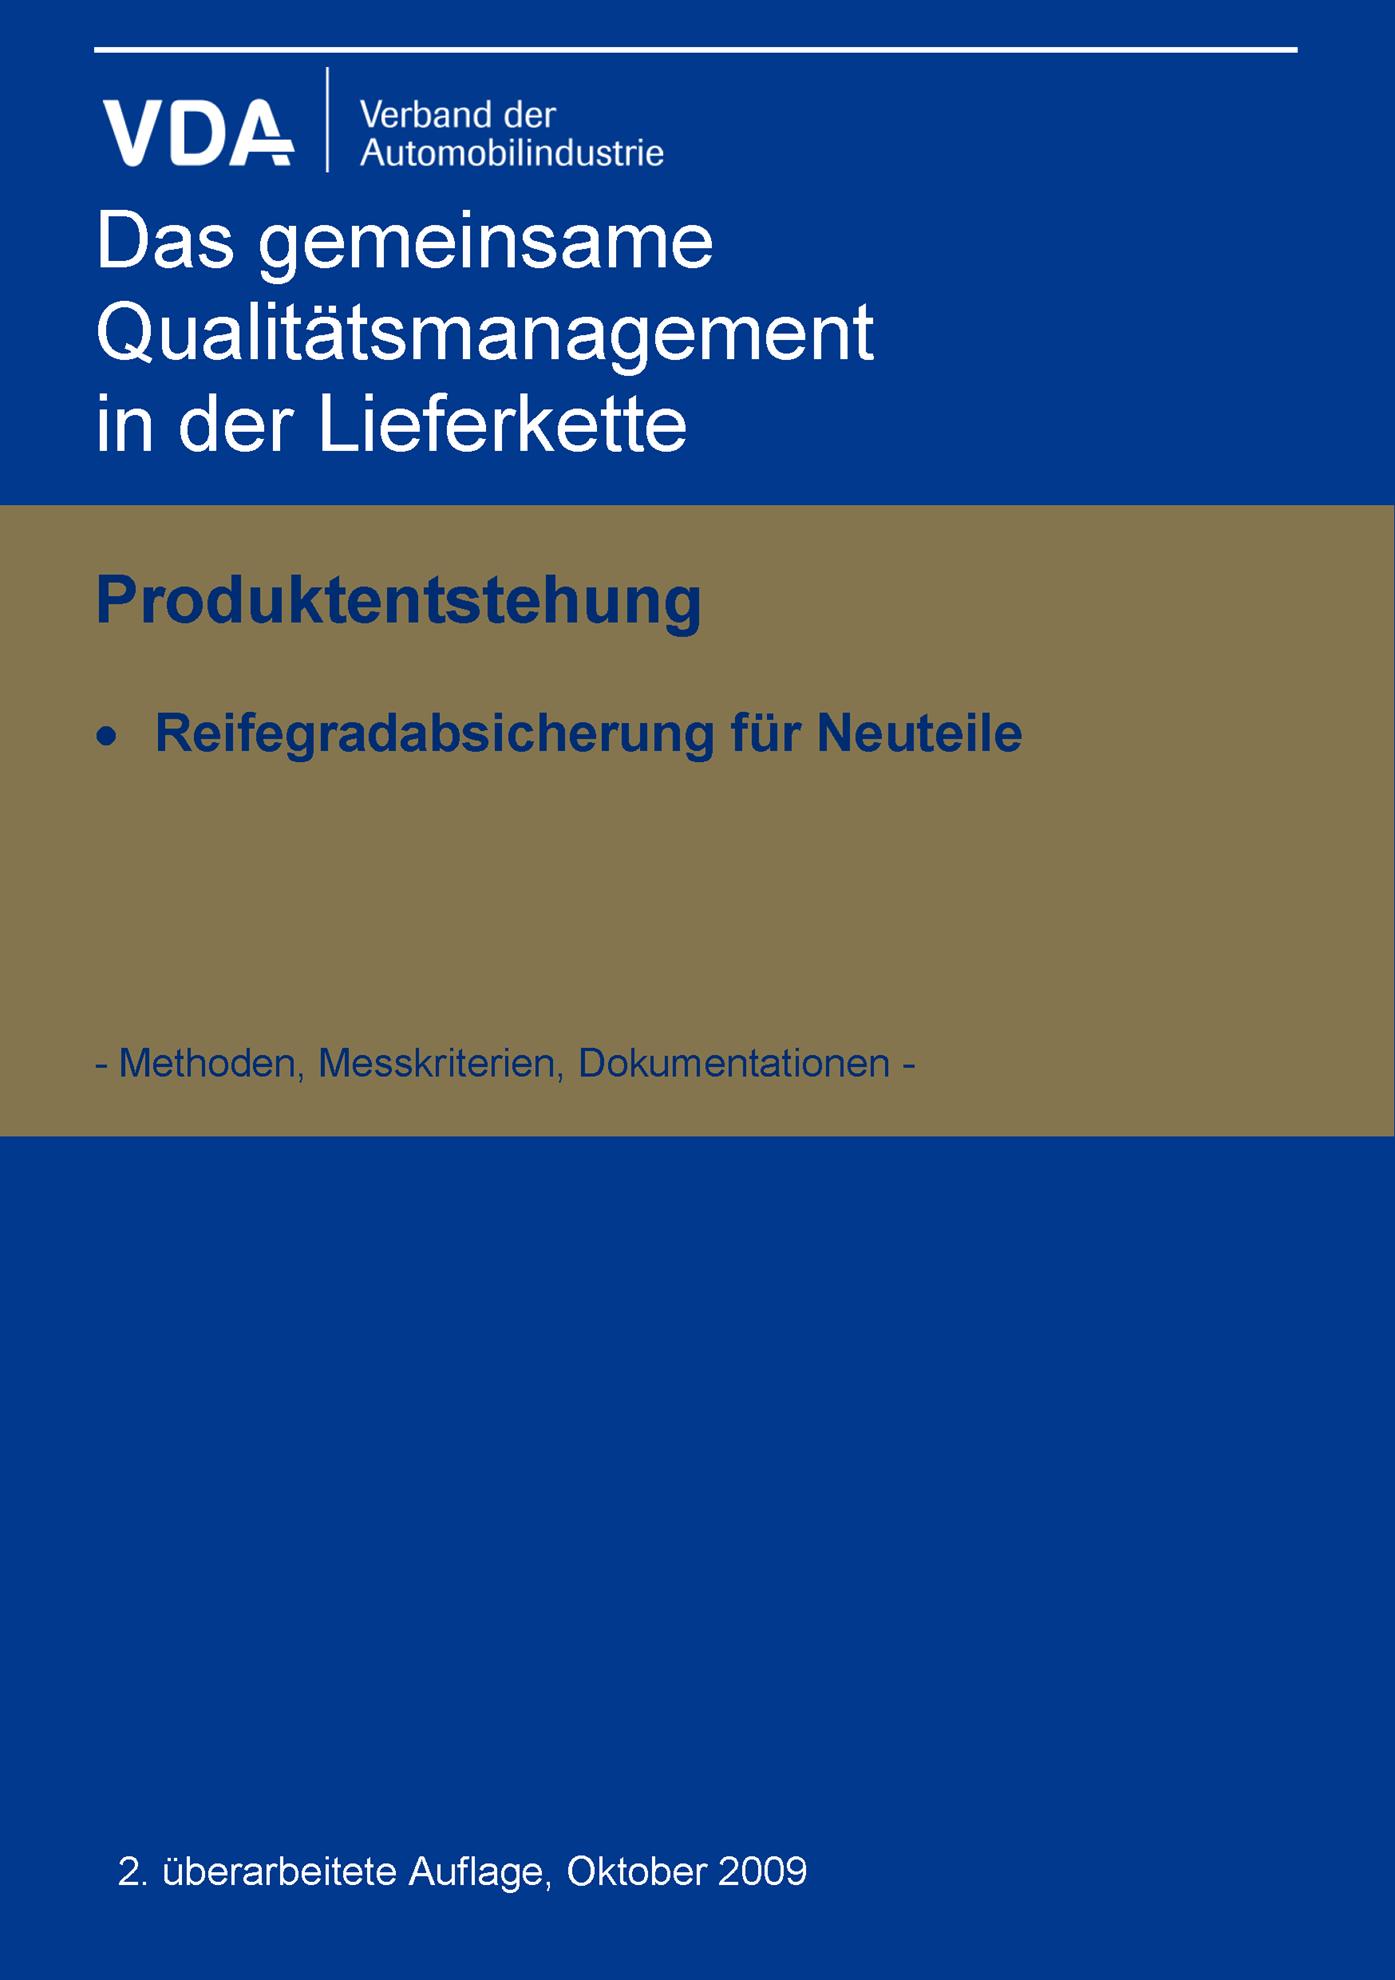 Picture of Reifegradabsicherung für Neuteile 2. Auflage